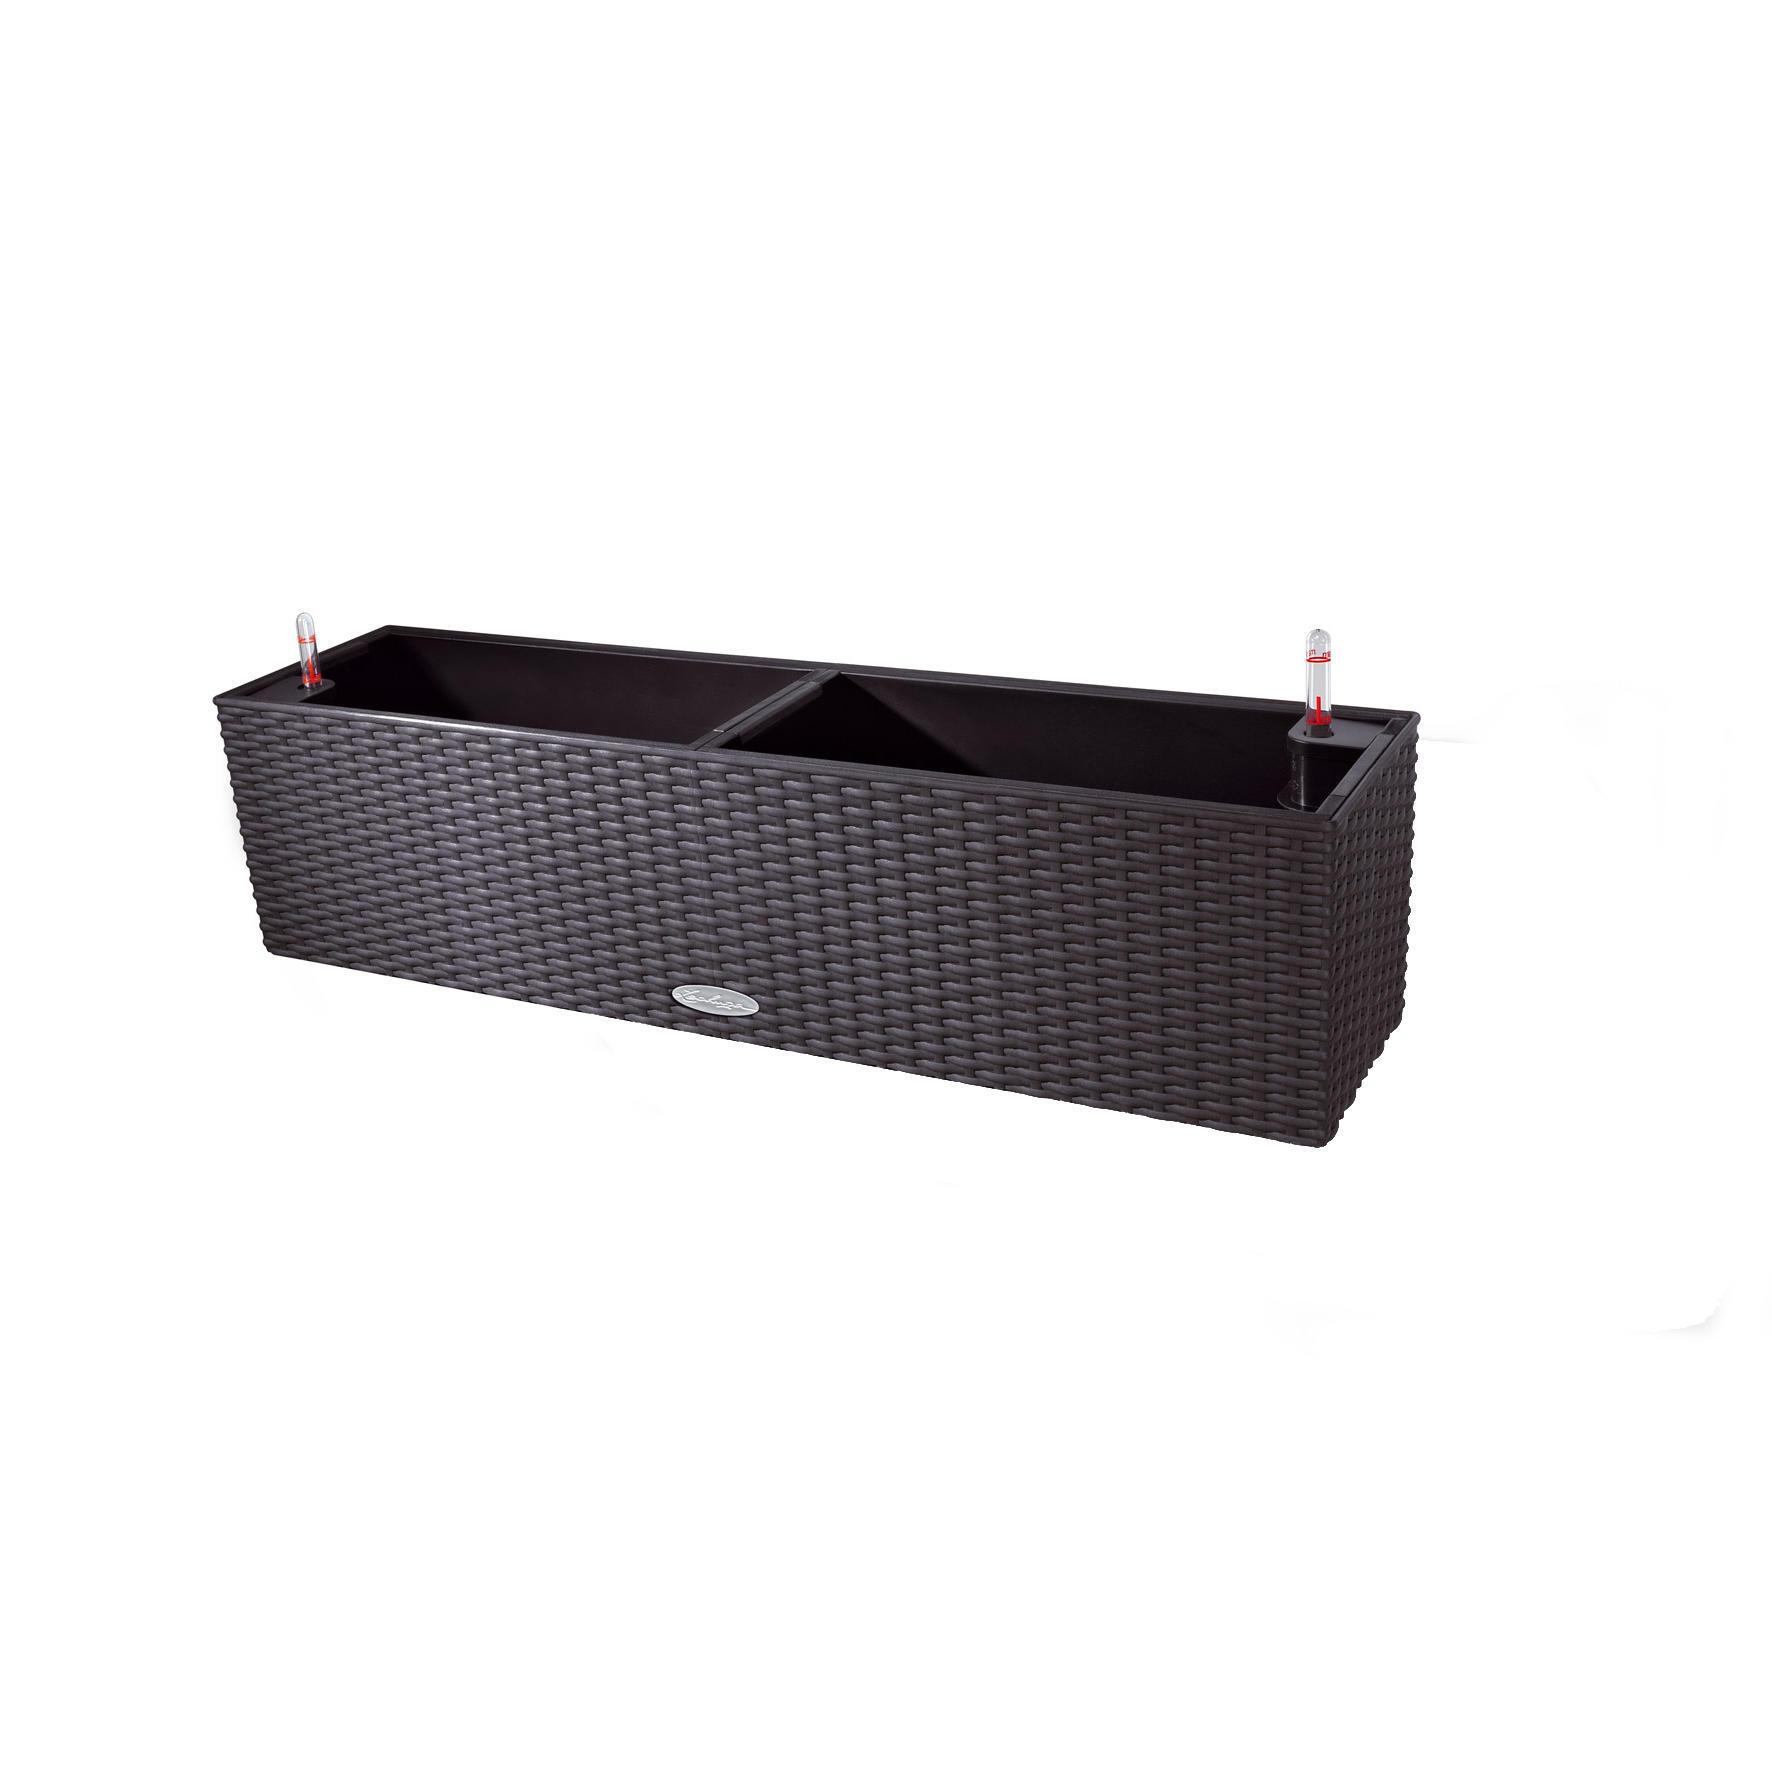 Cassetta portafiori Cottage in plastica colore grigio H 19 x L 19 x P 80 cm - 4